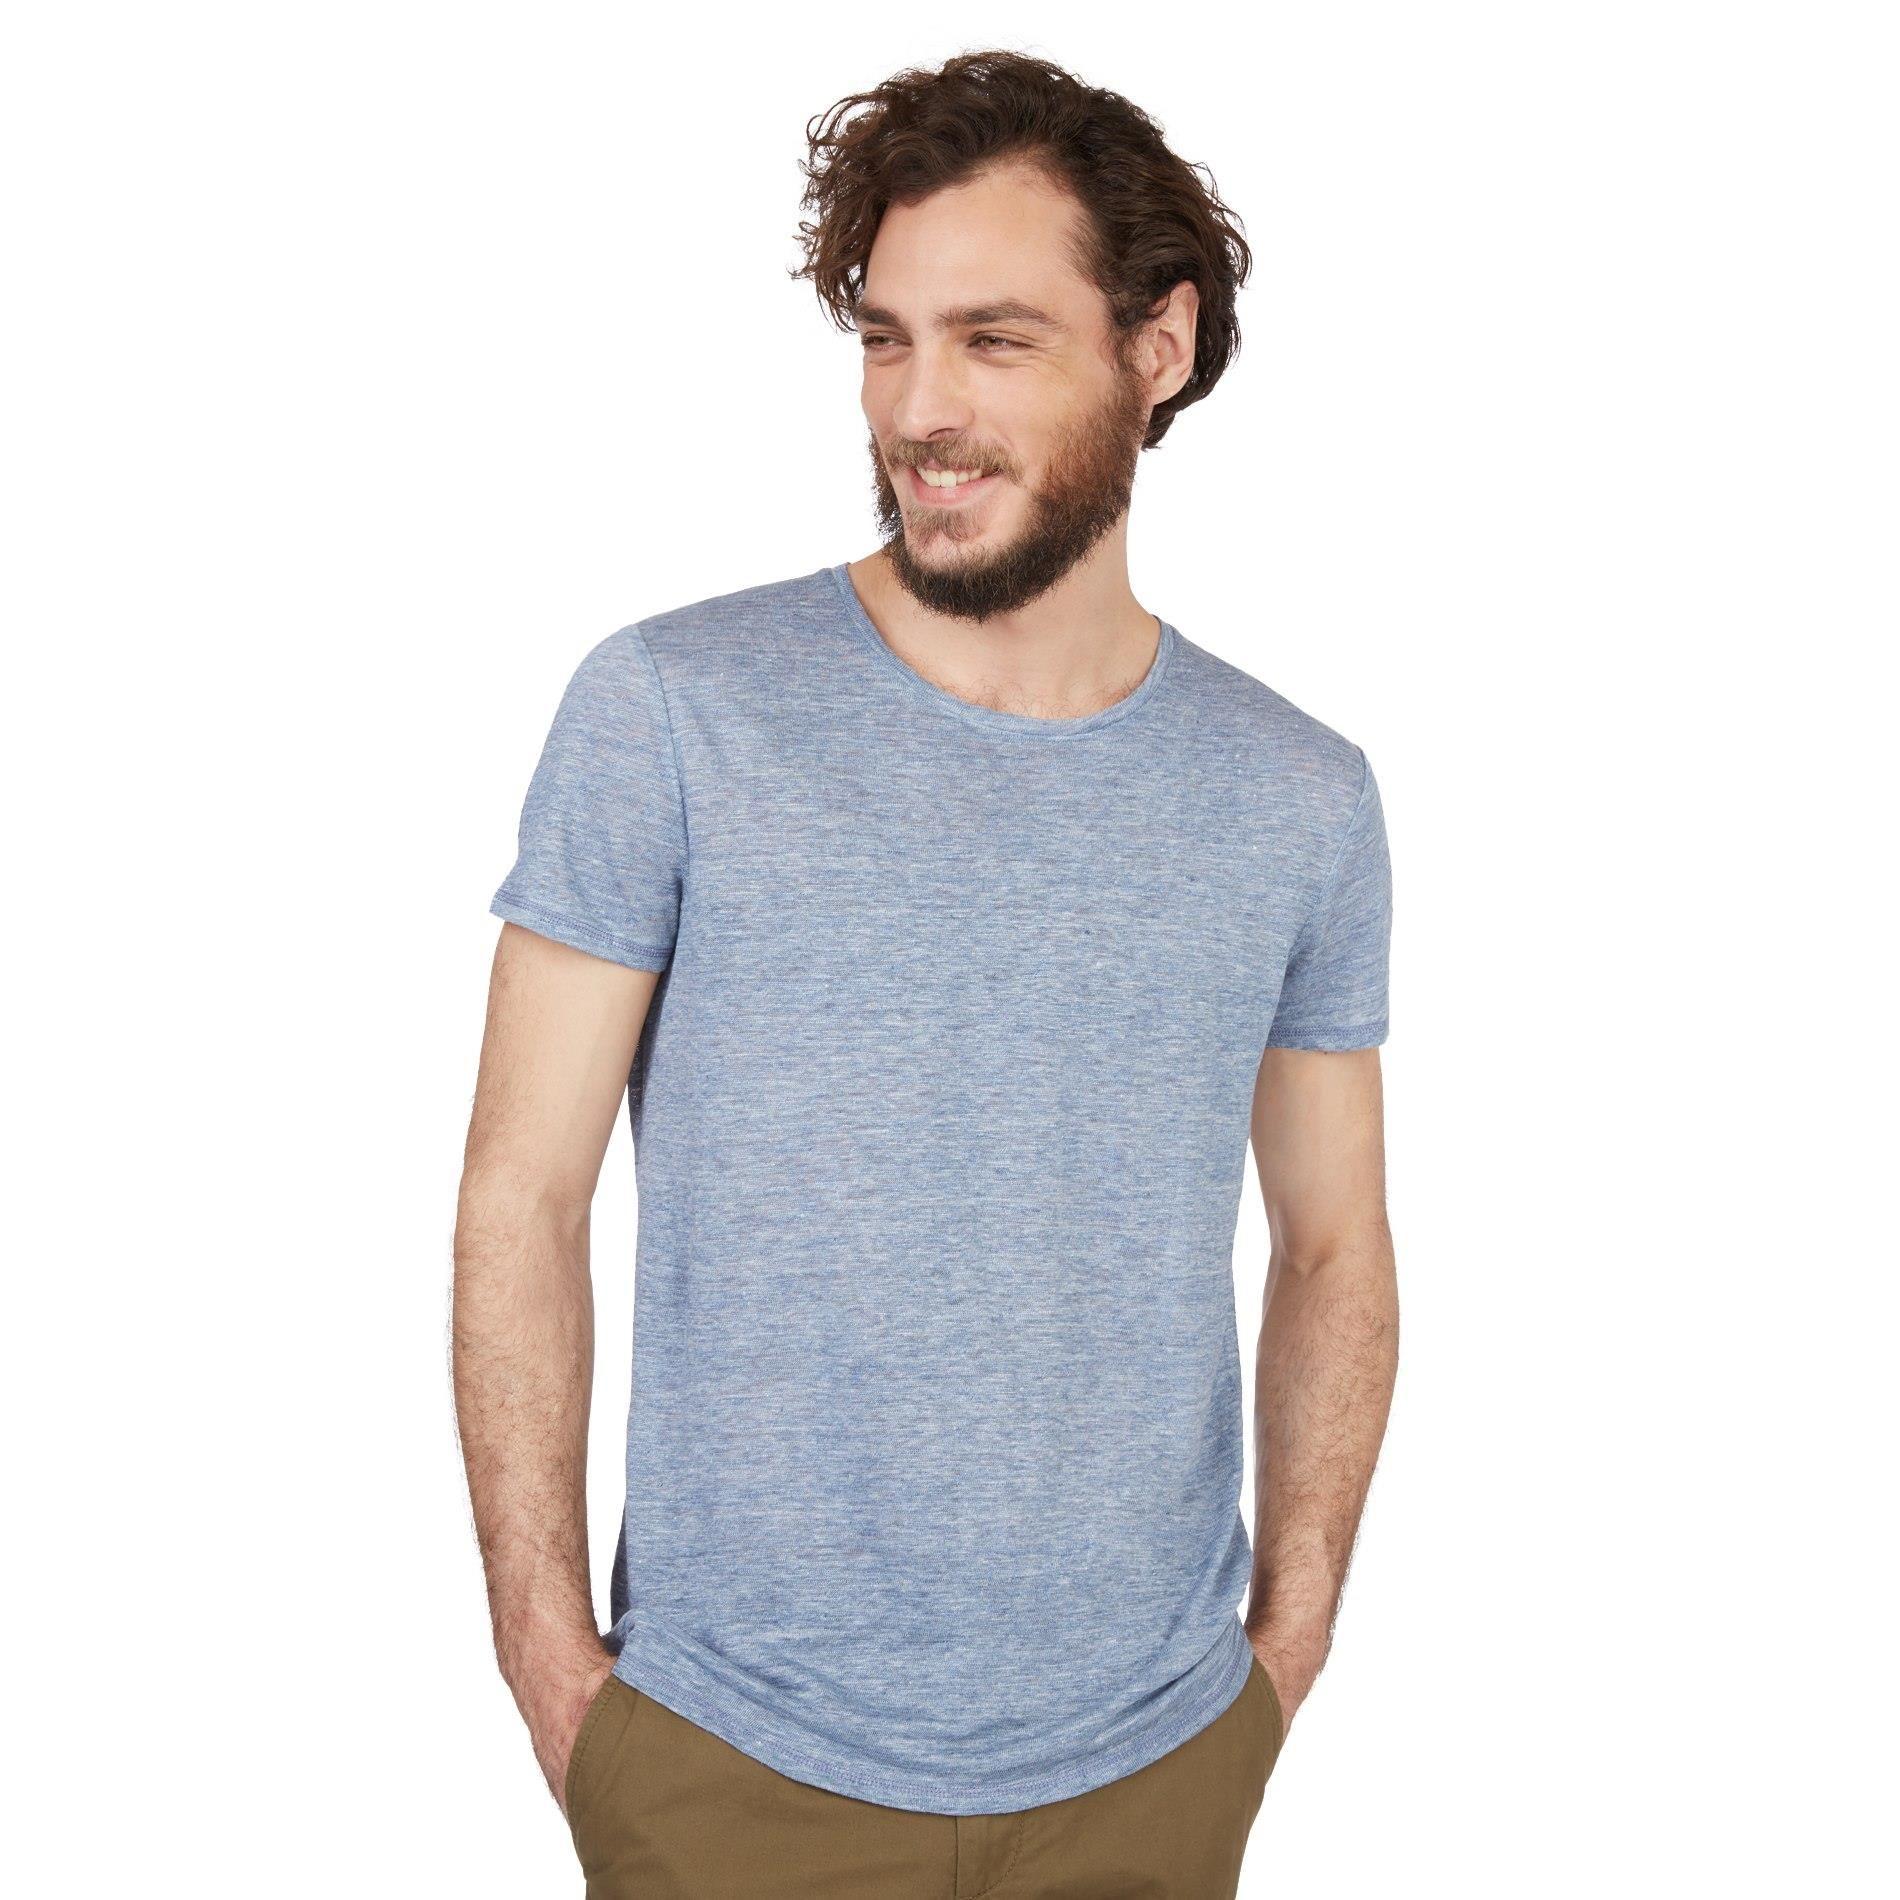 d50429f861de Achetez en ligne les produits T-shirts